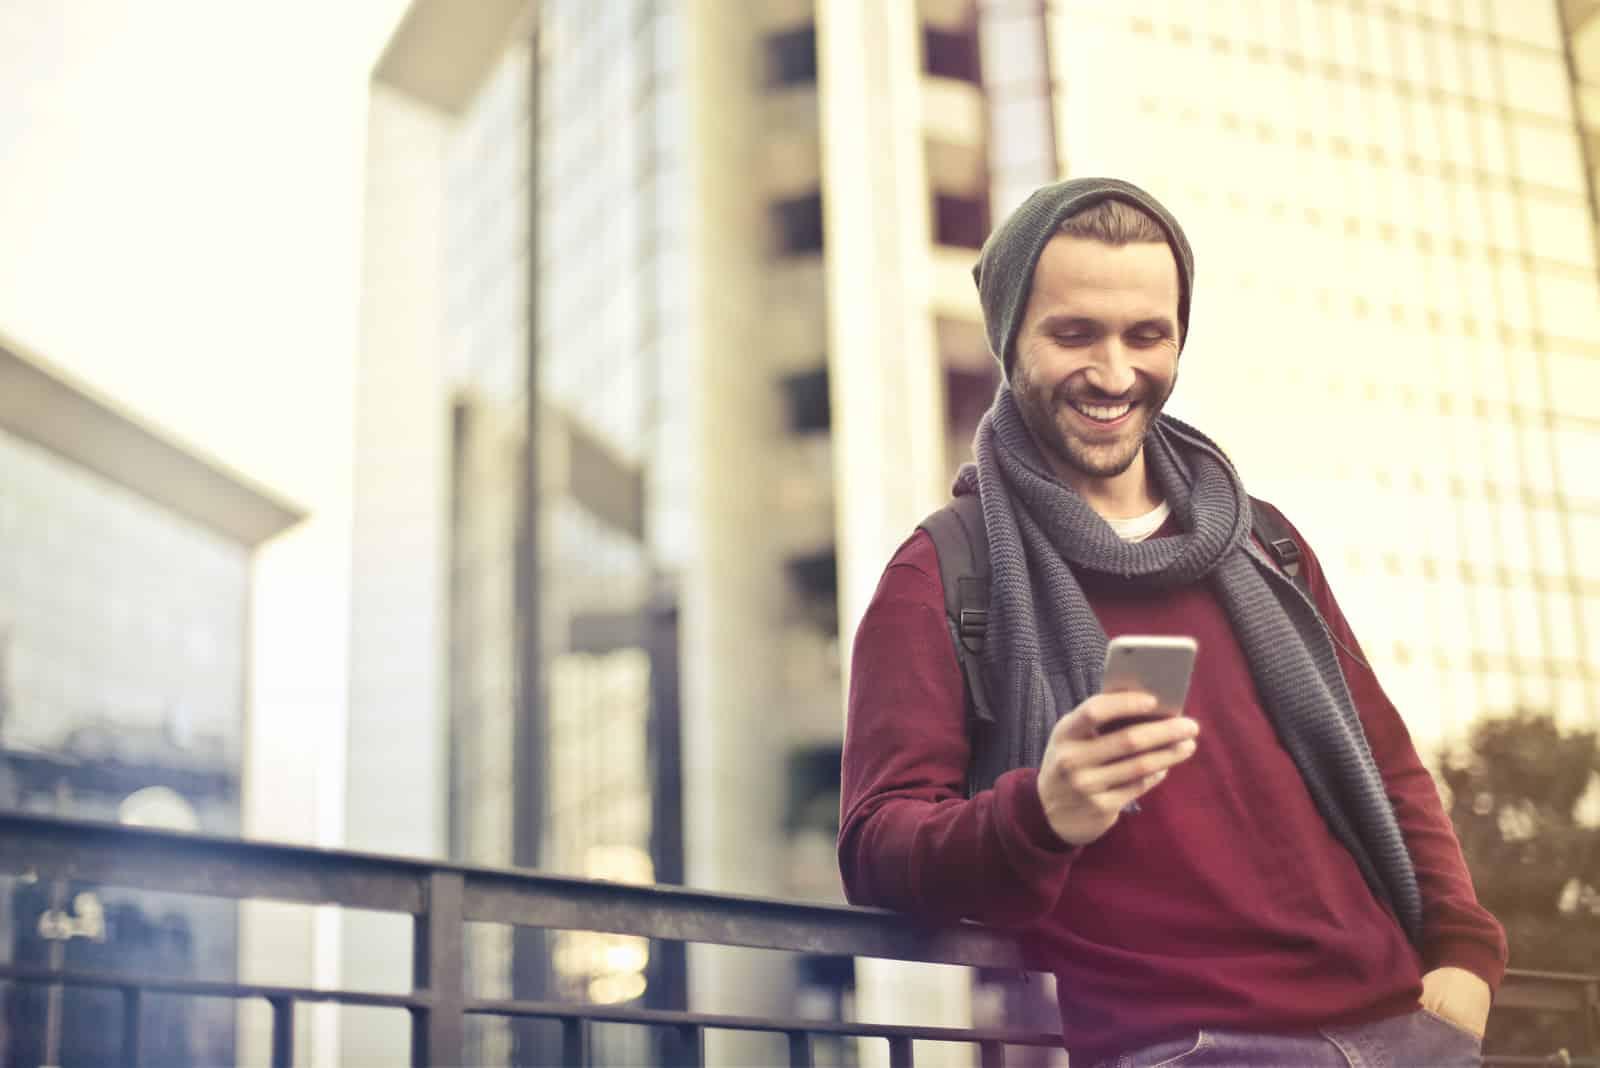 un homme souriant appuyé contre une clôture et un bouton du téléphone